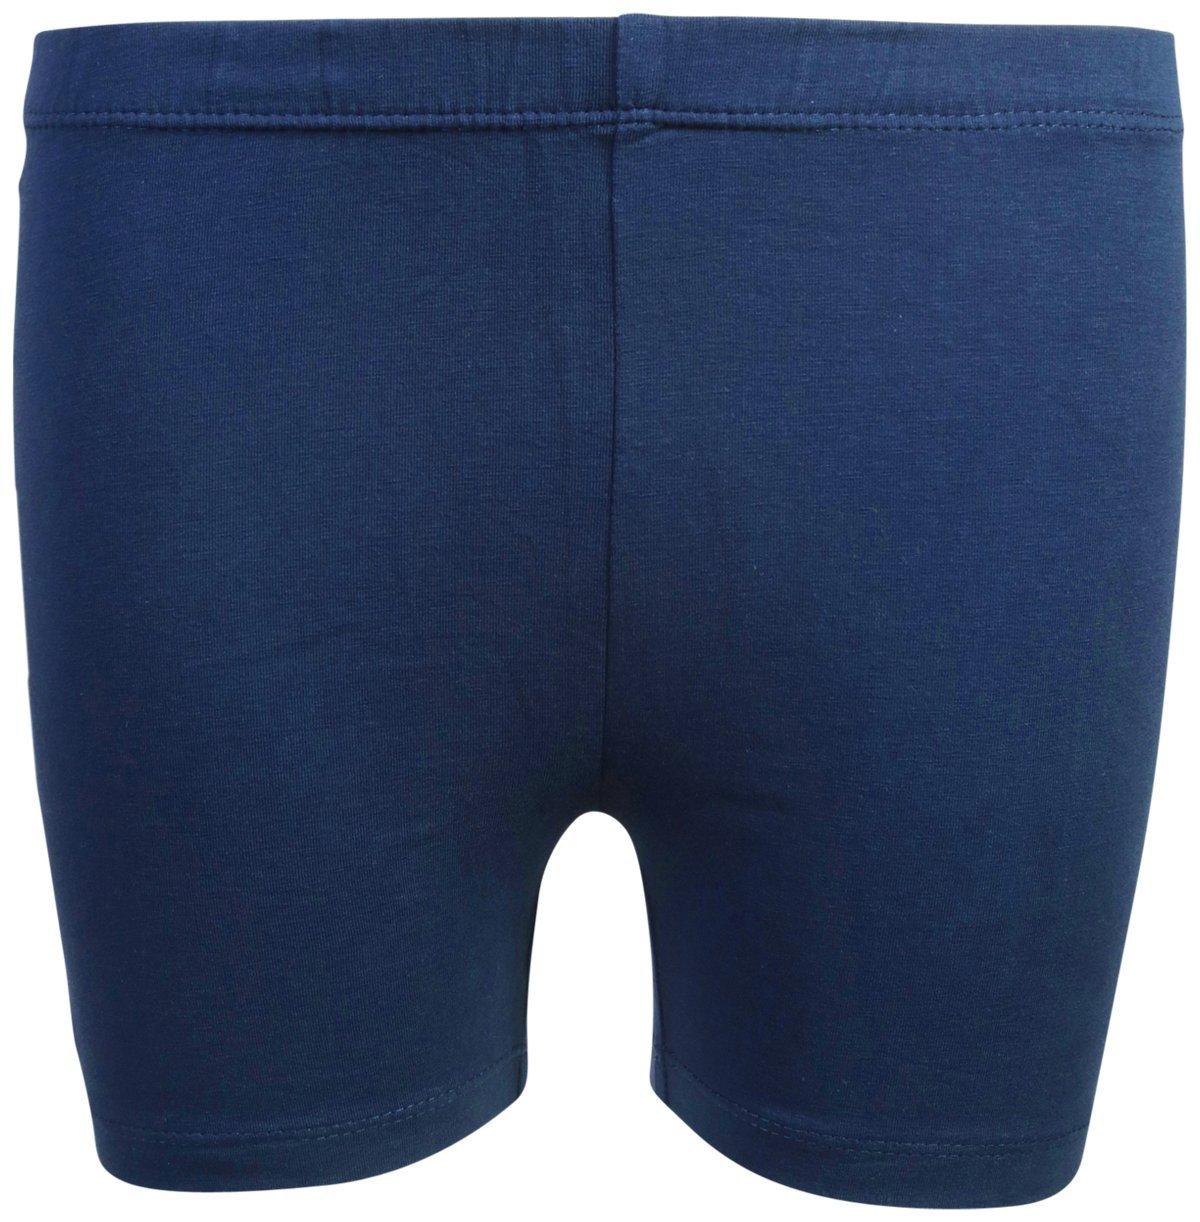 Beverly Hills Polo Club Girls School Uniform Bike Short (3 Pack), Navy, 4/5' by Beverly Hills Polo Club (Image #2)